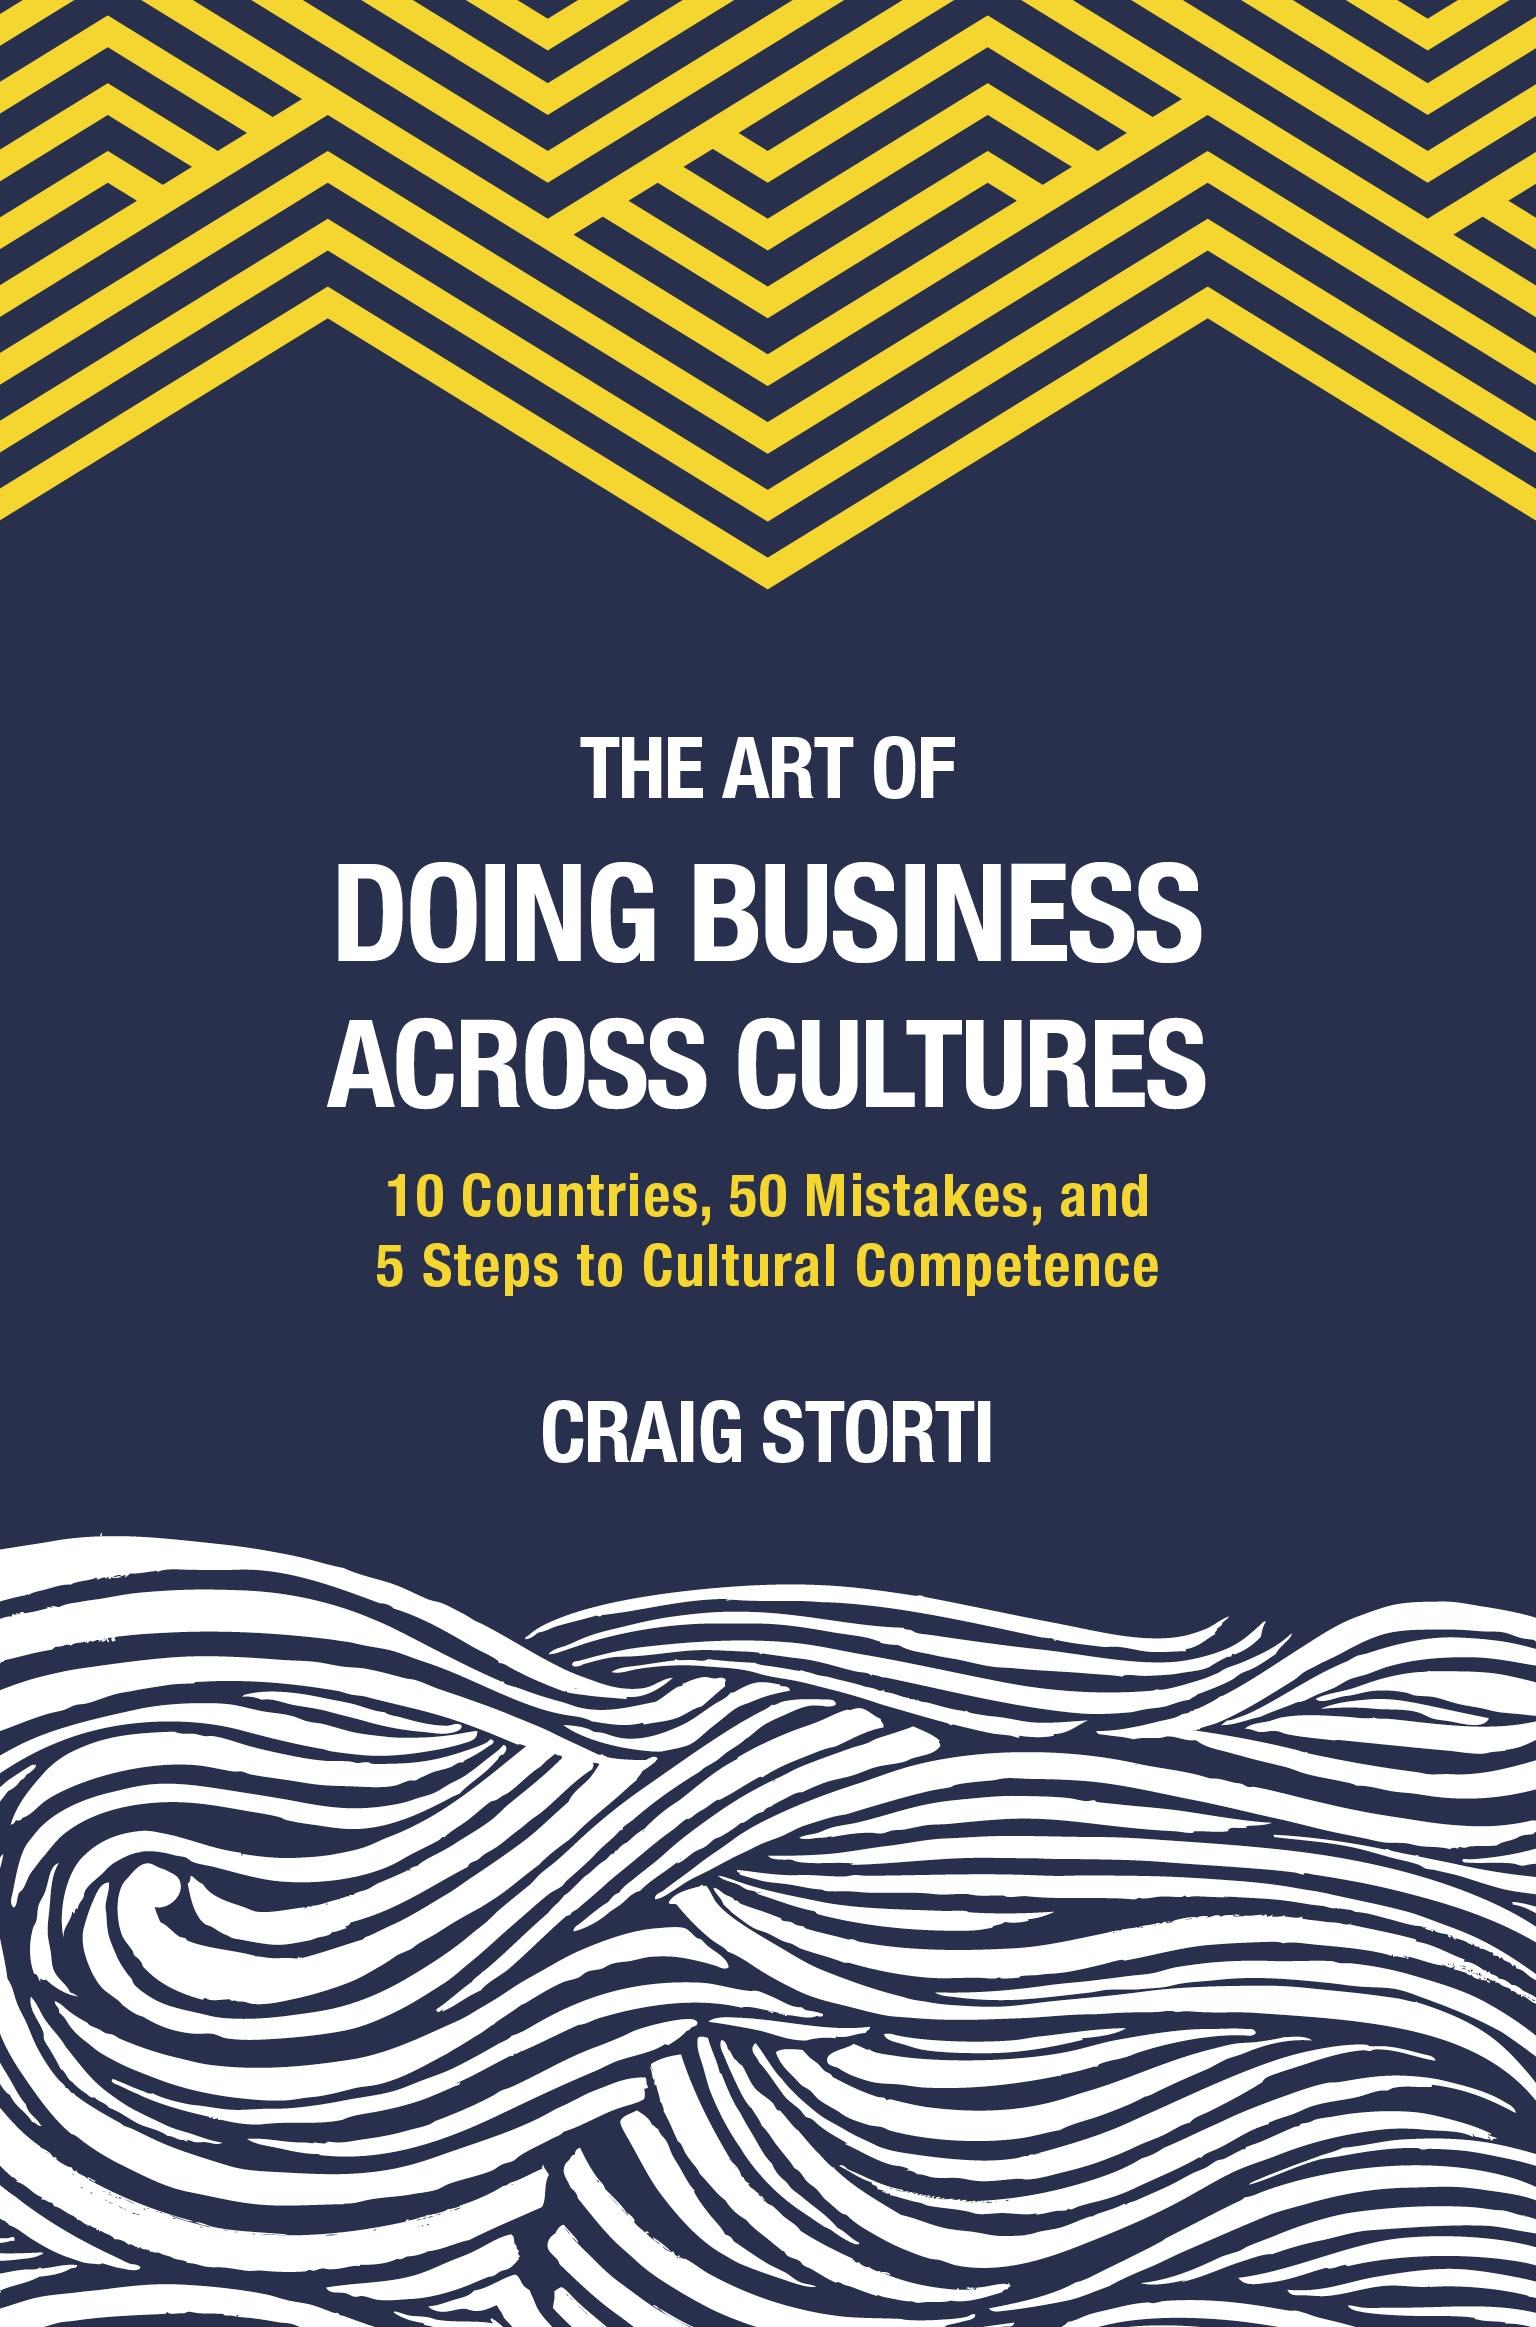 Art of Doing Business.jpg